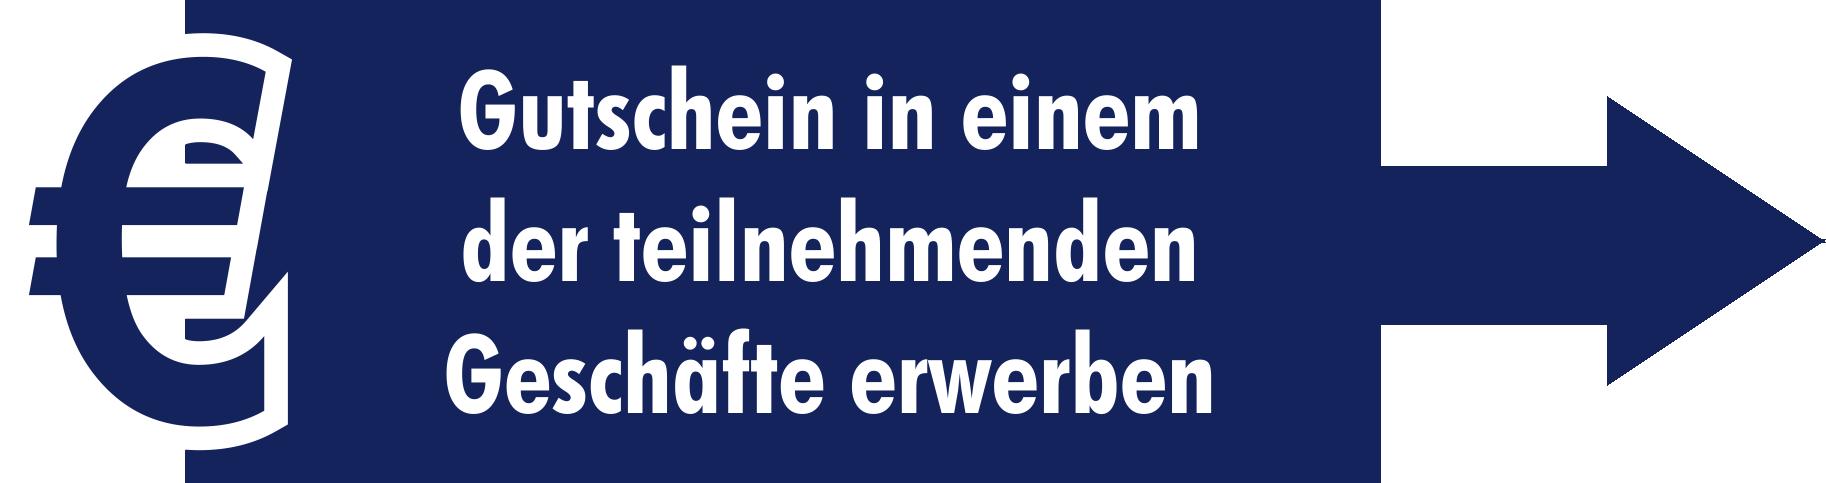 gutschein_01